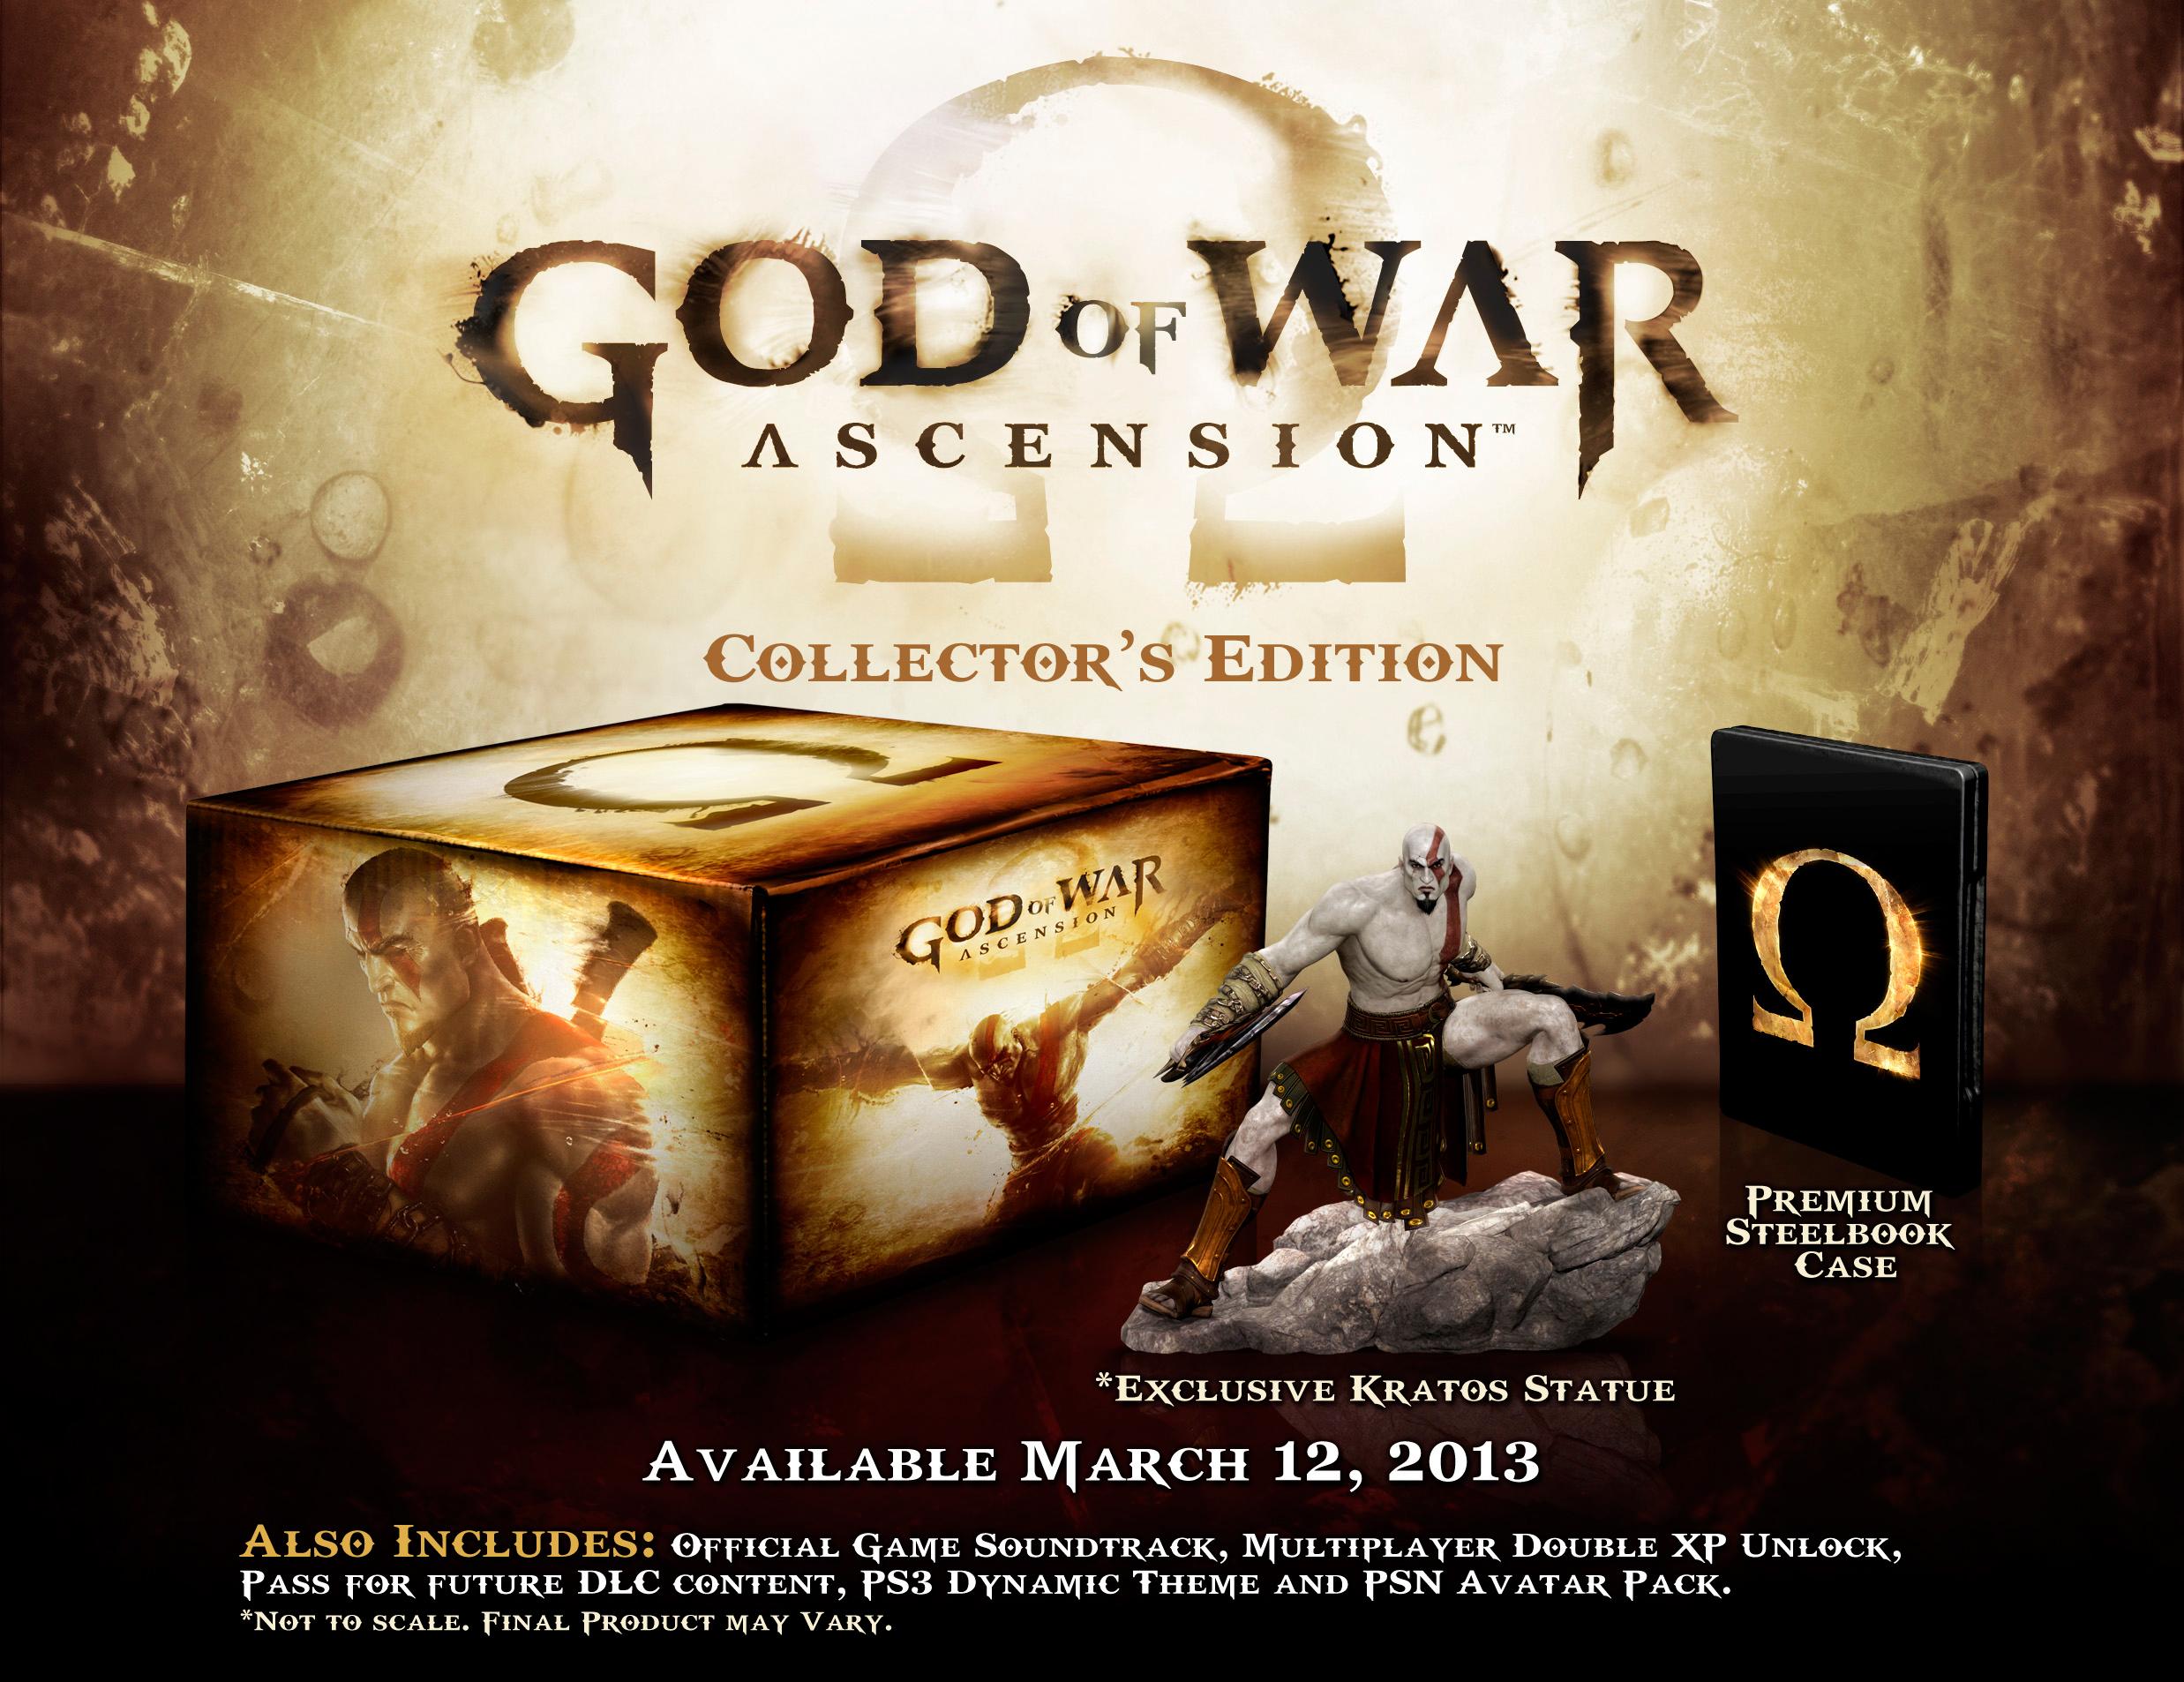 [BRASIL GAME SHOW 2012] Destaques da Coletiva de PlayStation na BGS 2012 8074824418_758e17e4f8_o